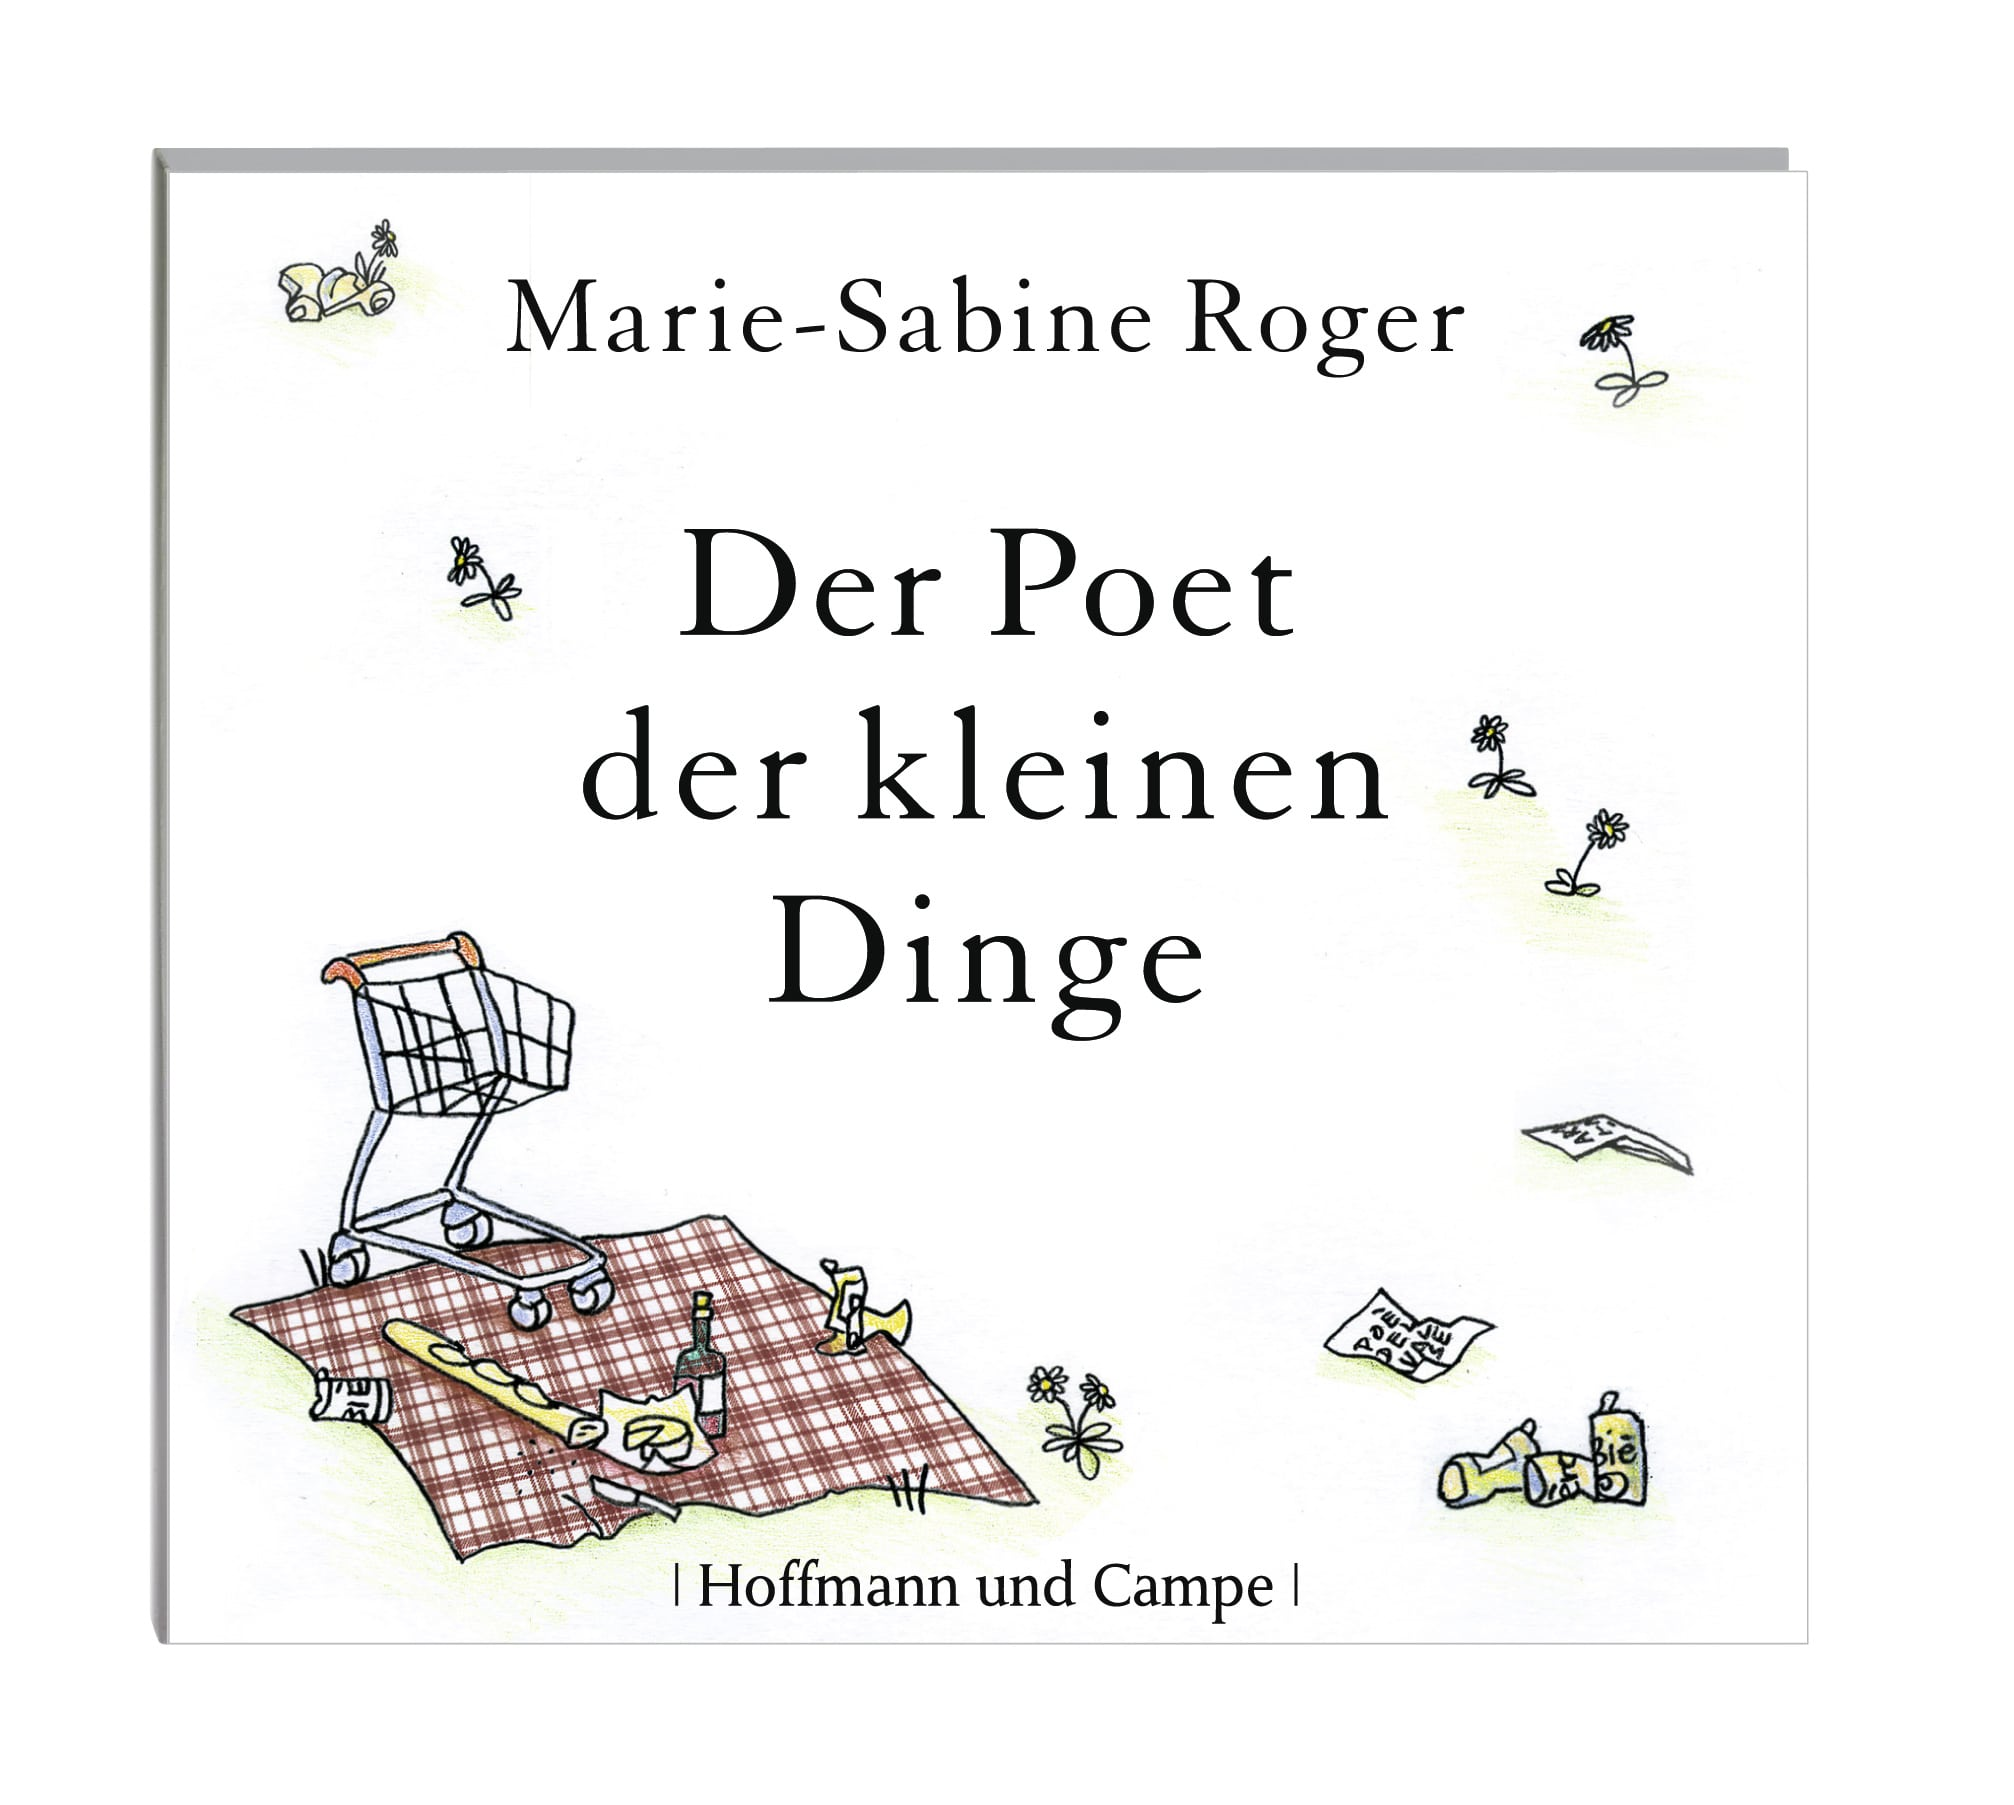 Roger, Marie-Sabine – Der Poet der kleinen Dinge